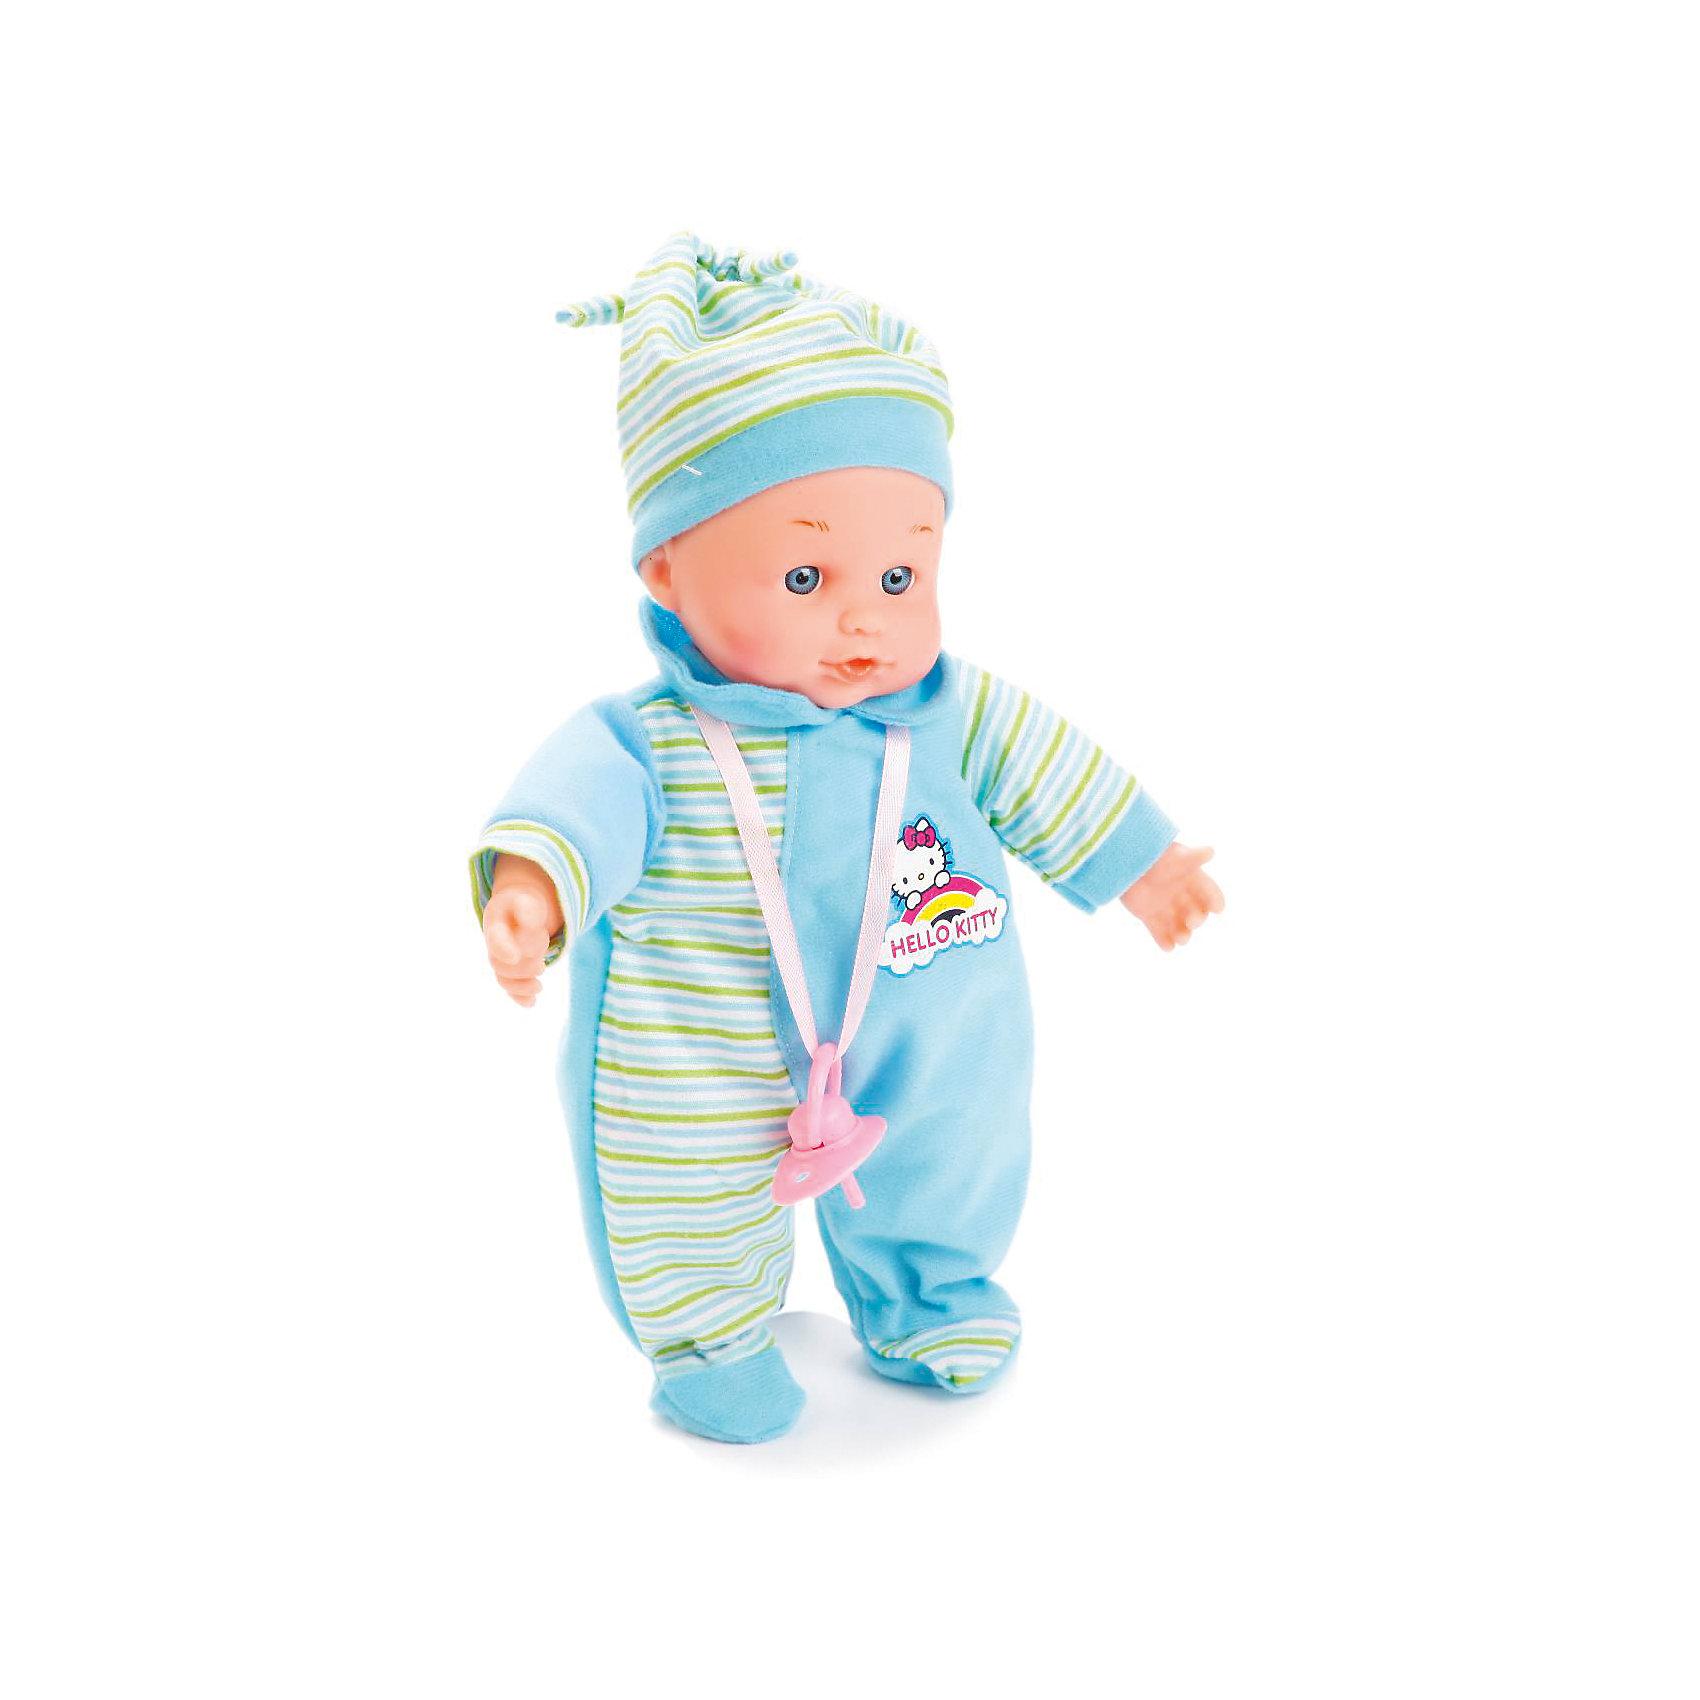 Пупс 30 см, озвученный, 30 звуков, мягкое тело, КарапузИнтерактивные куклы<br>Интерактивная кукла-пупс похожа на настоящего ребенка и работает на батарейках. Она имеет мягкое тело и русскую озвучку. Игрушка умеет смеяться и плакать, и также произносит 30 разных звуков. Кукла одета в яркий теплый комбинезон и шапочку. В наборе также имеется соска.<br><br>Ширина мм: 71<br>Глубина мм: 40<br>Высота мм: 34<br>Вес г: 480<br>Возраст от месяцев: 36<br>Возраст до месяцев: 60<br>Пол: Женский<br>Возраст: Детский<br>SKU: 6863984